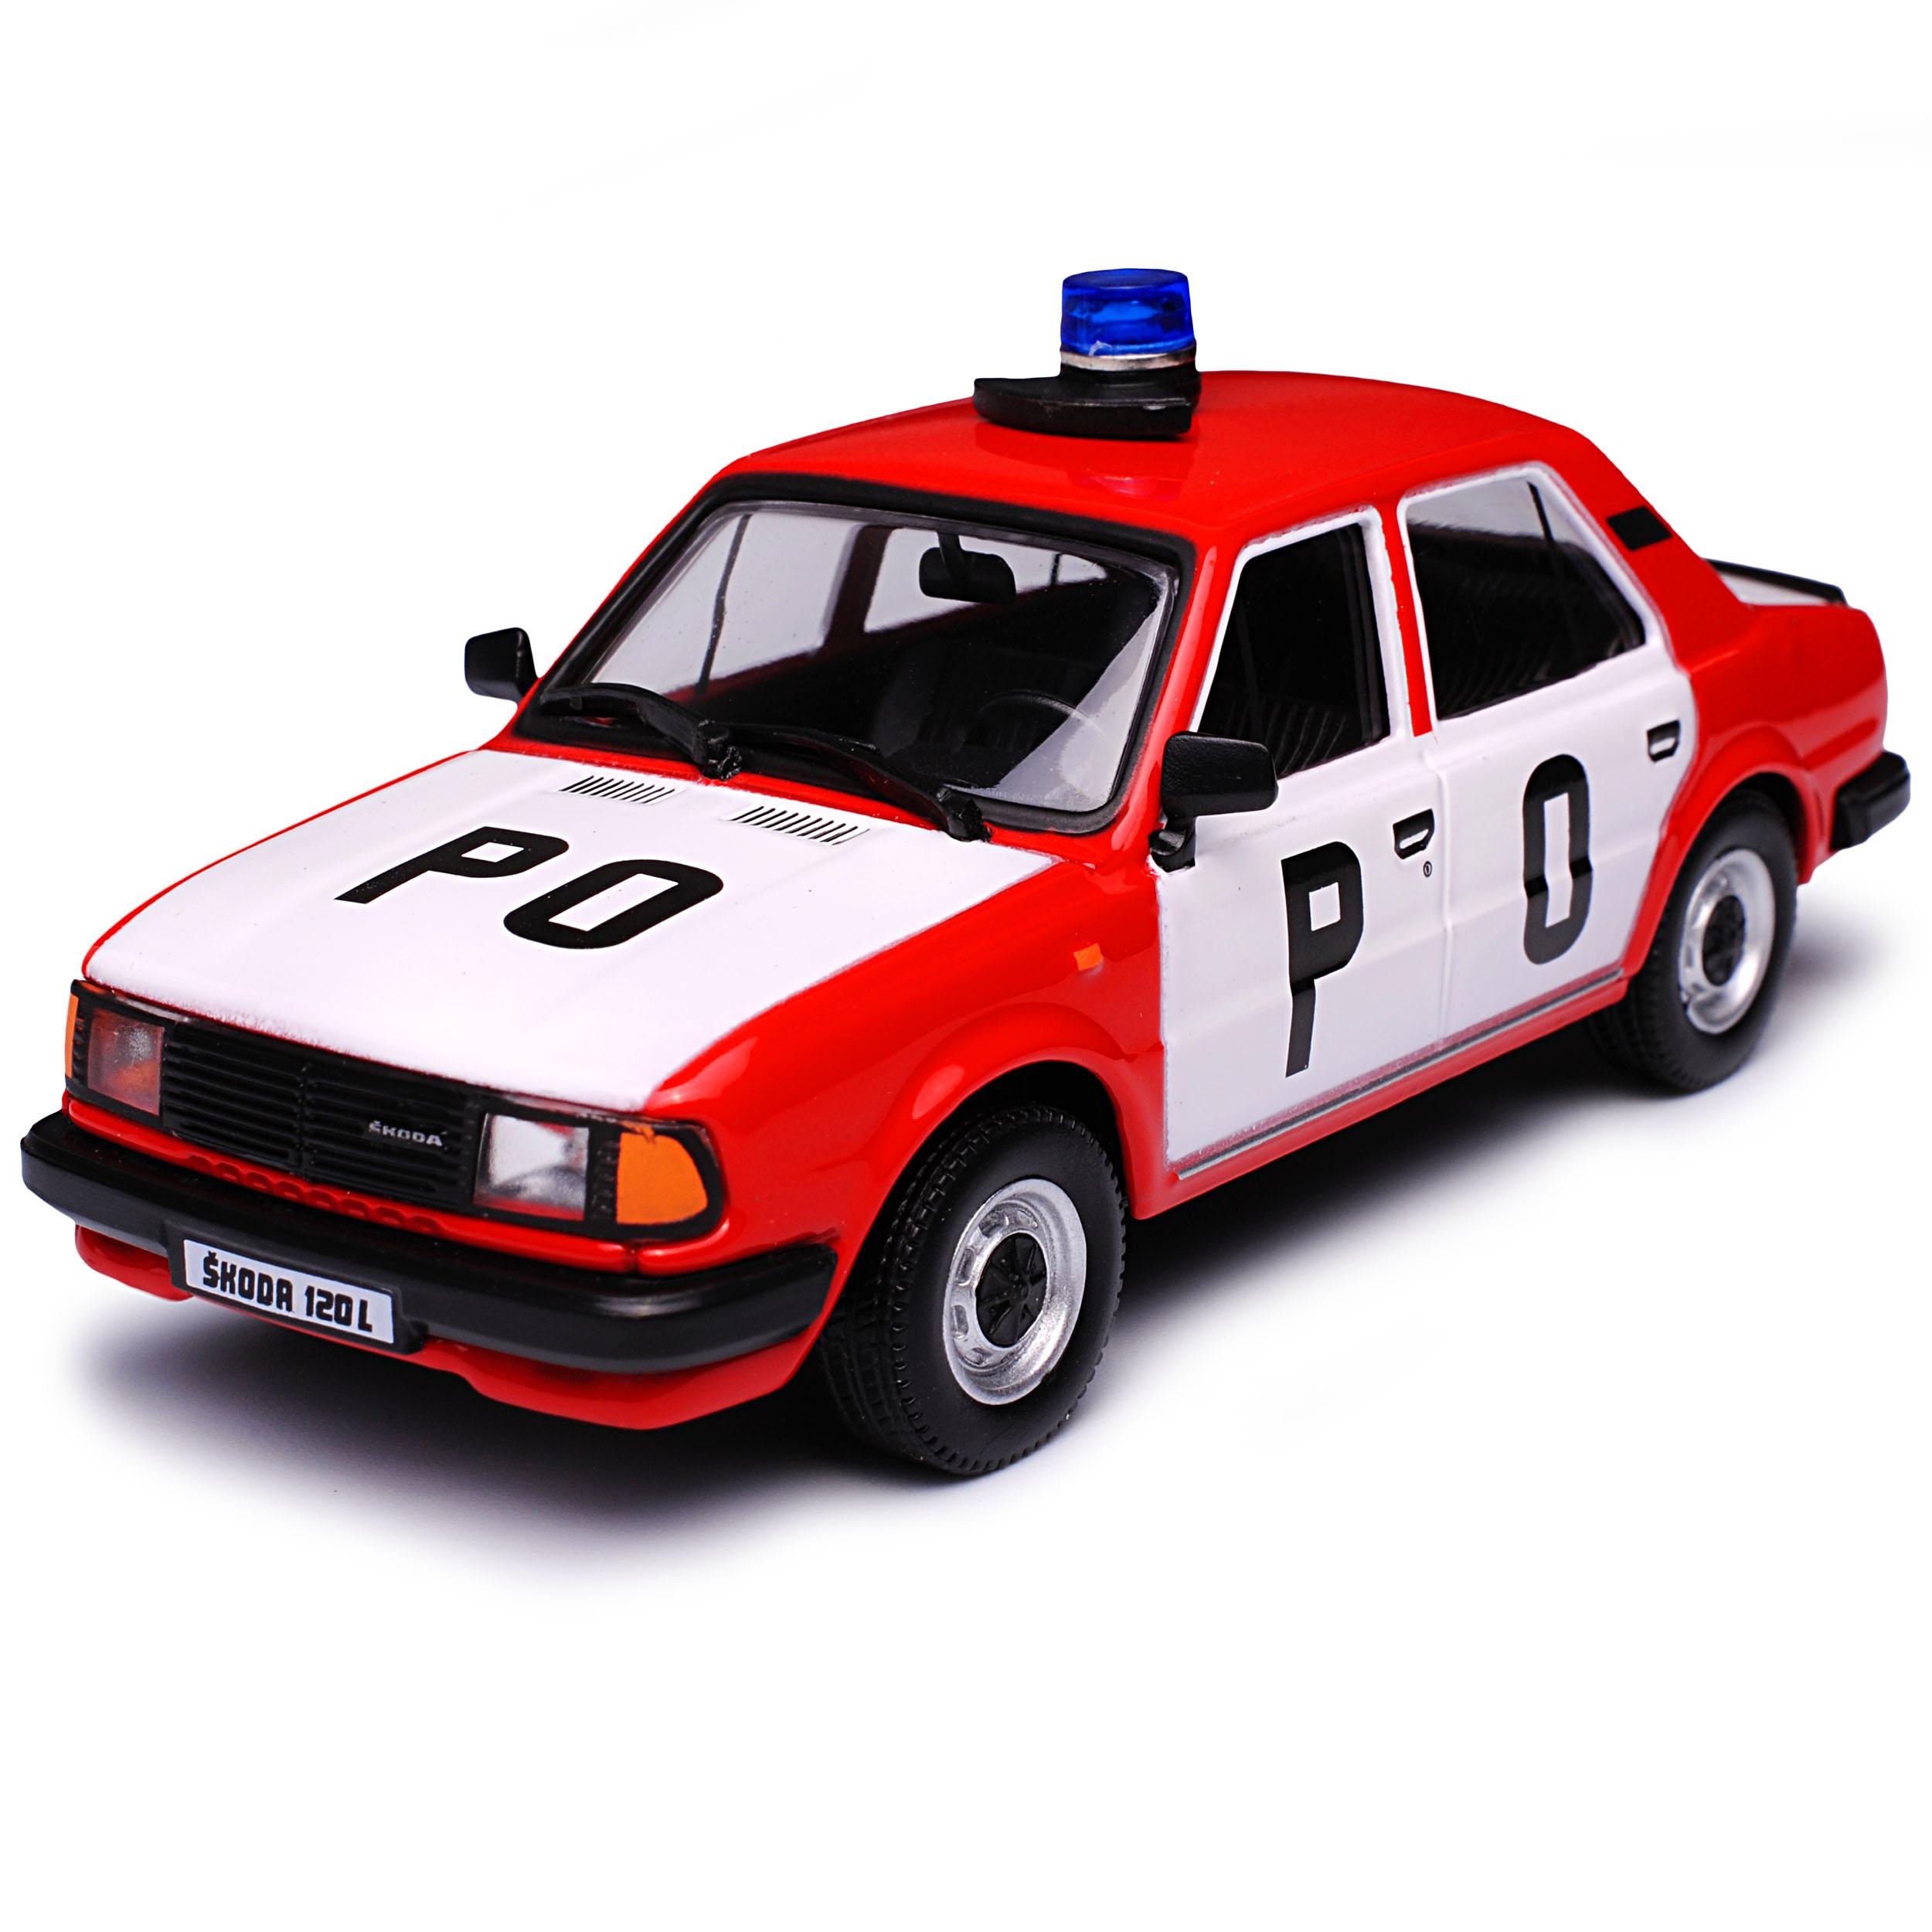 Skoda 120l 120l 120l po bomberos checo tipo 742 1976-1990 143 abs702xl 1 43 Abrex mod.. 98f5ce